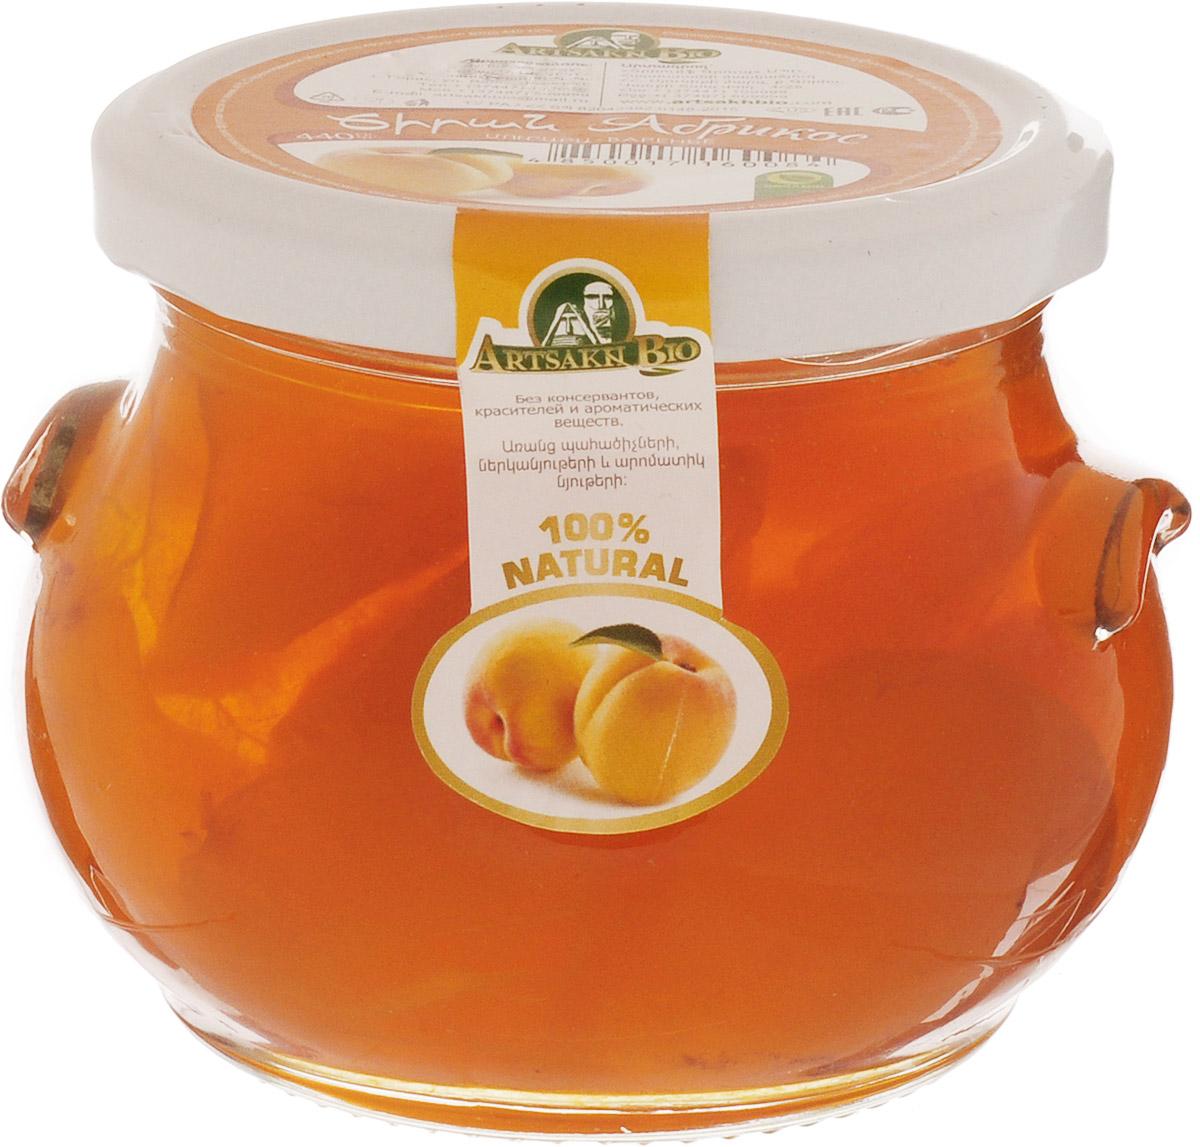 Artsakh Bio варенье из абрикоса, 440 г130211020005Варенье из абрикоса полезно для сердечно-сосудистой системы. Оно улучшает обмен веществ и пищеварение.Абрикосы показаны при желудочных заболеваниях и нарушении обмена веществ. Они мягко, но надолго возбуждают железистый аппарат желудка и нормализуют кислотность желудочного сока, что приводит в норму деятельность поджелудочной железы, а в силу этого улучшается работа печени и желчного пузыря.